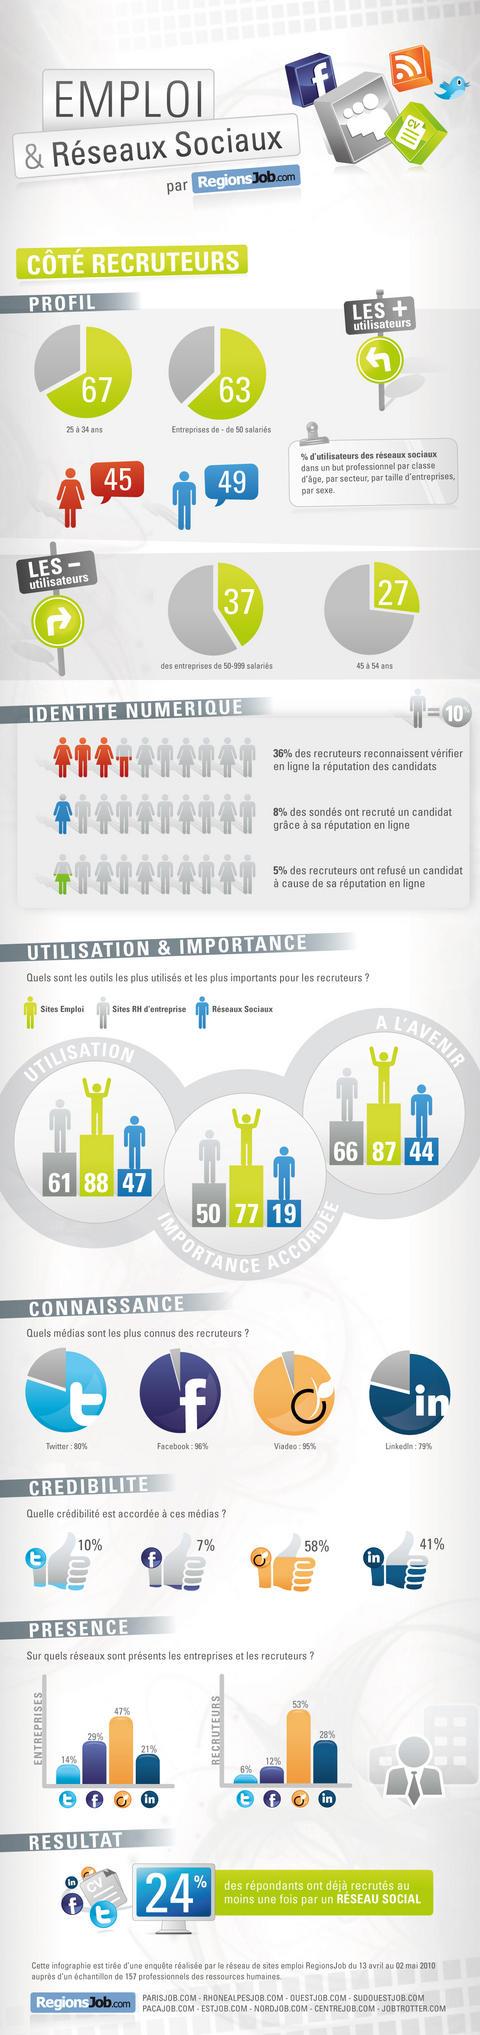 Infographie : les réseaux sociaux et les recruteurs